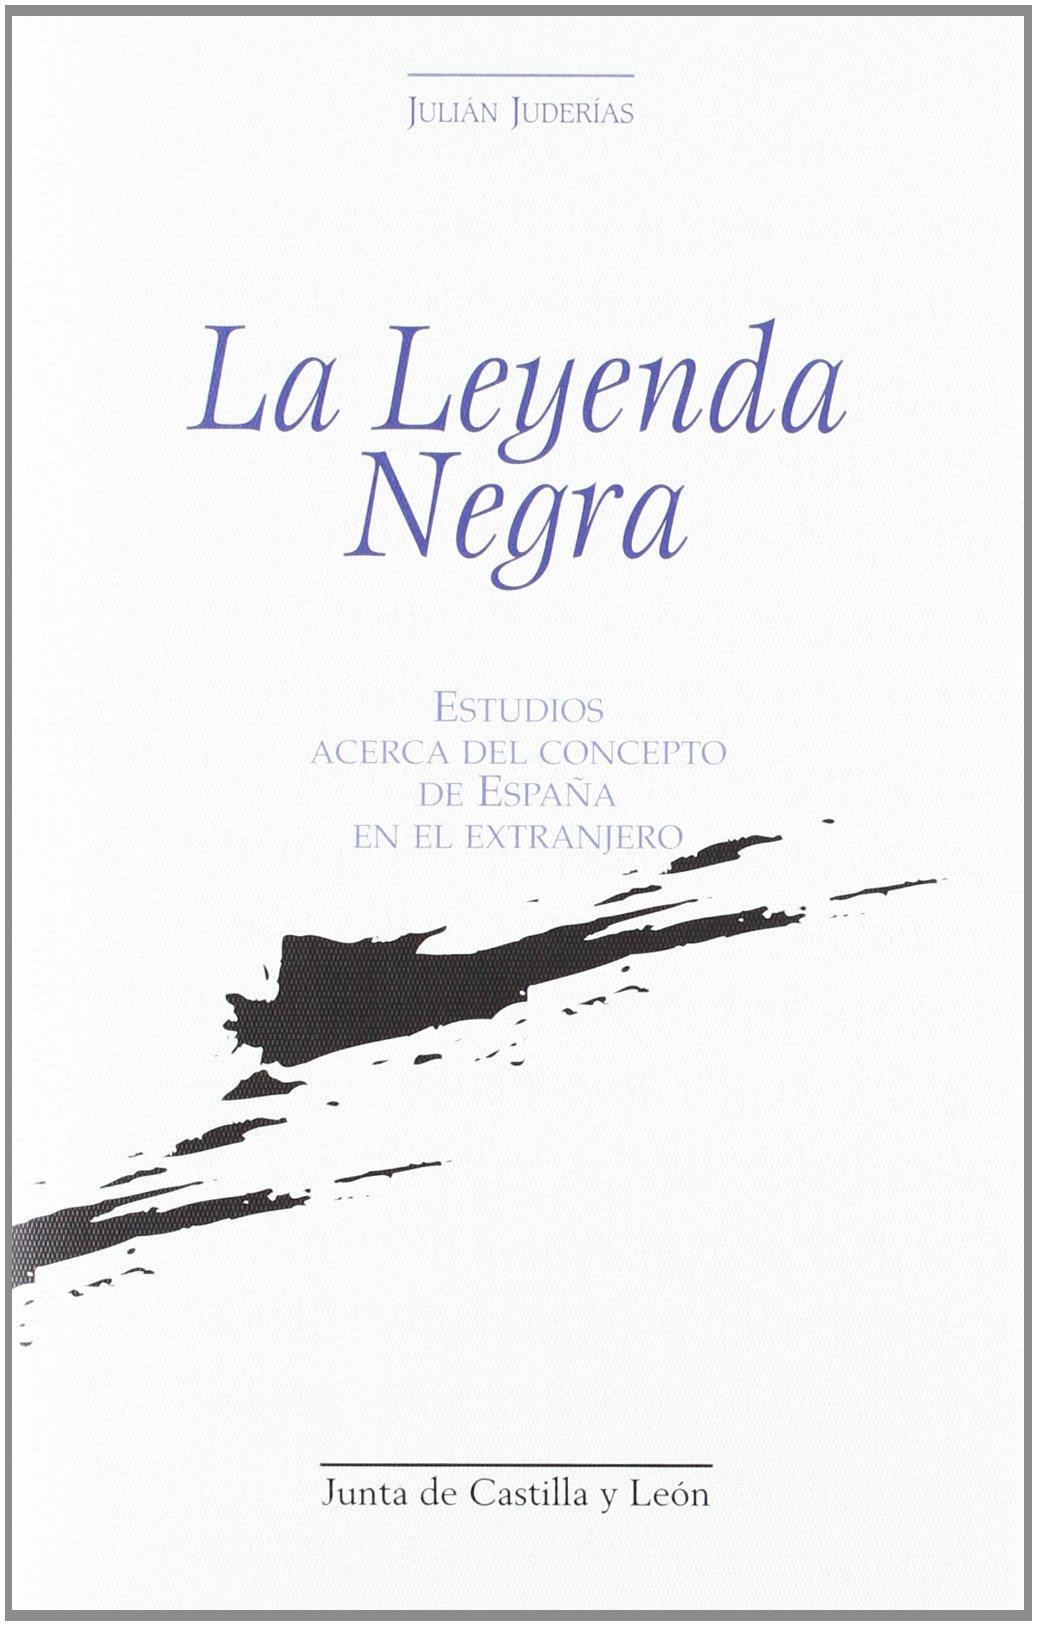 LEYENDA NEGRA: Amazon.es: Juderias, Julian: Libros